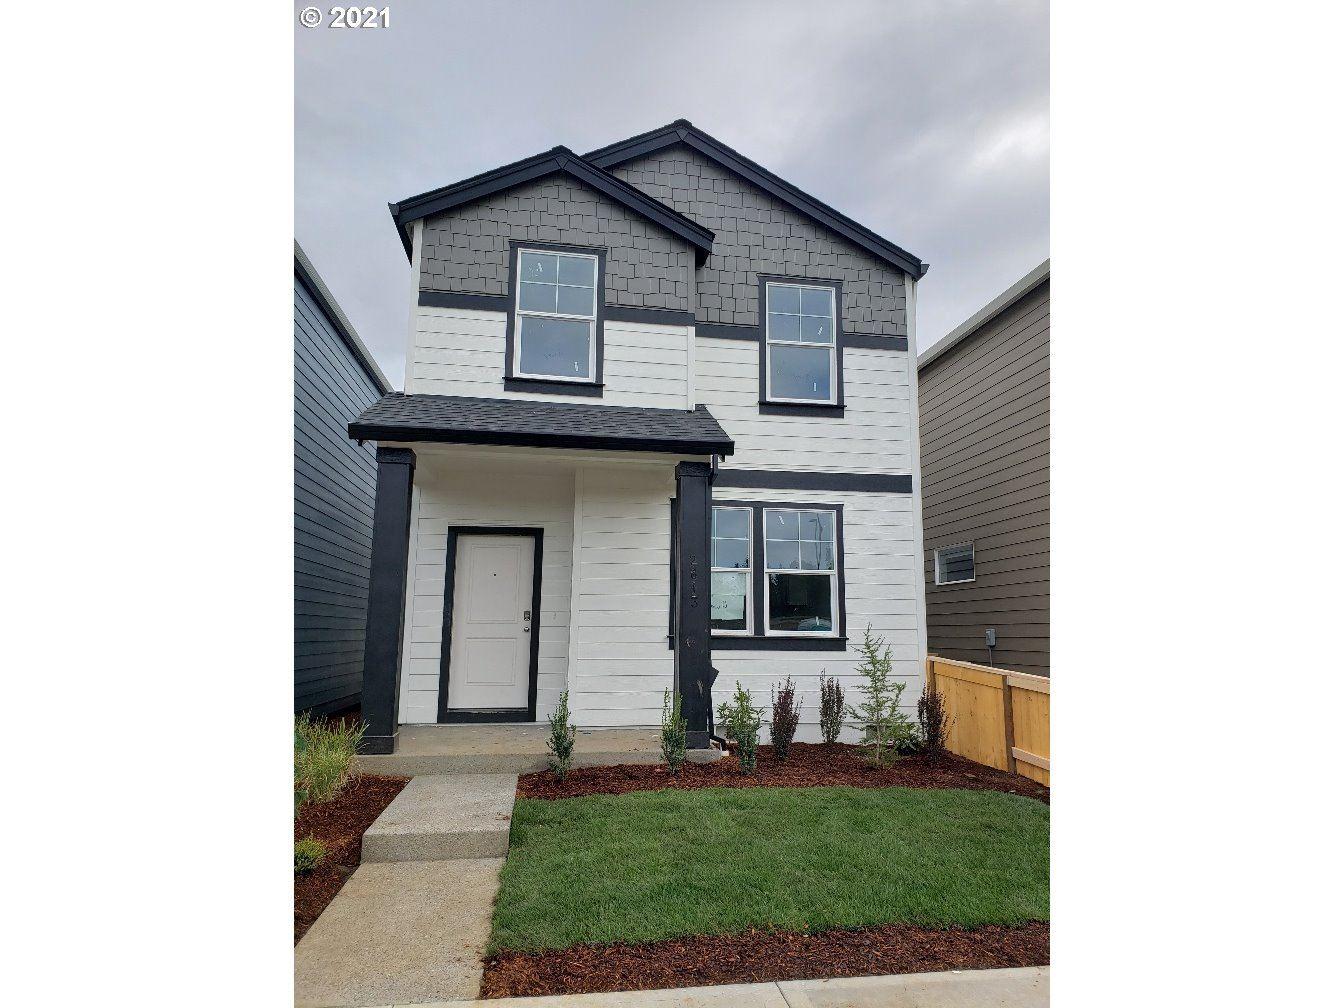 2613 NE 115TH PL, Vancouver, WA 98684 - MLS#: 21232616